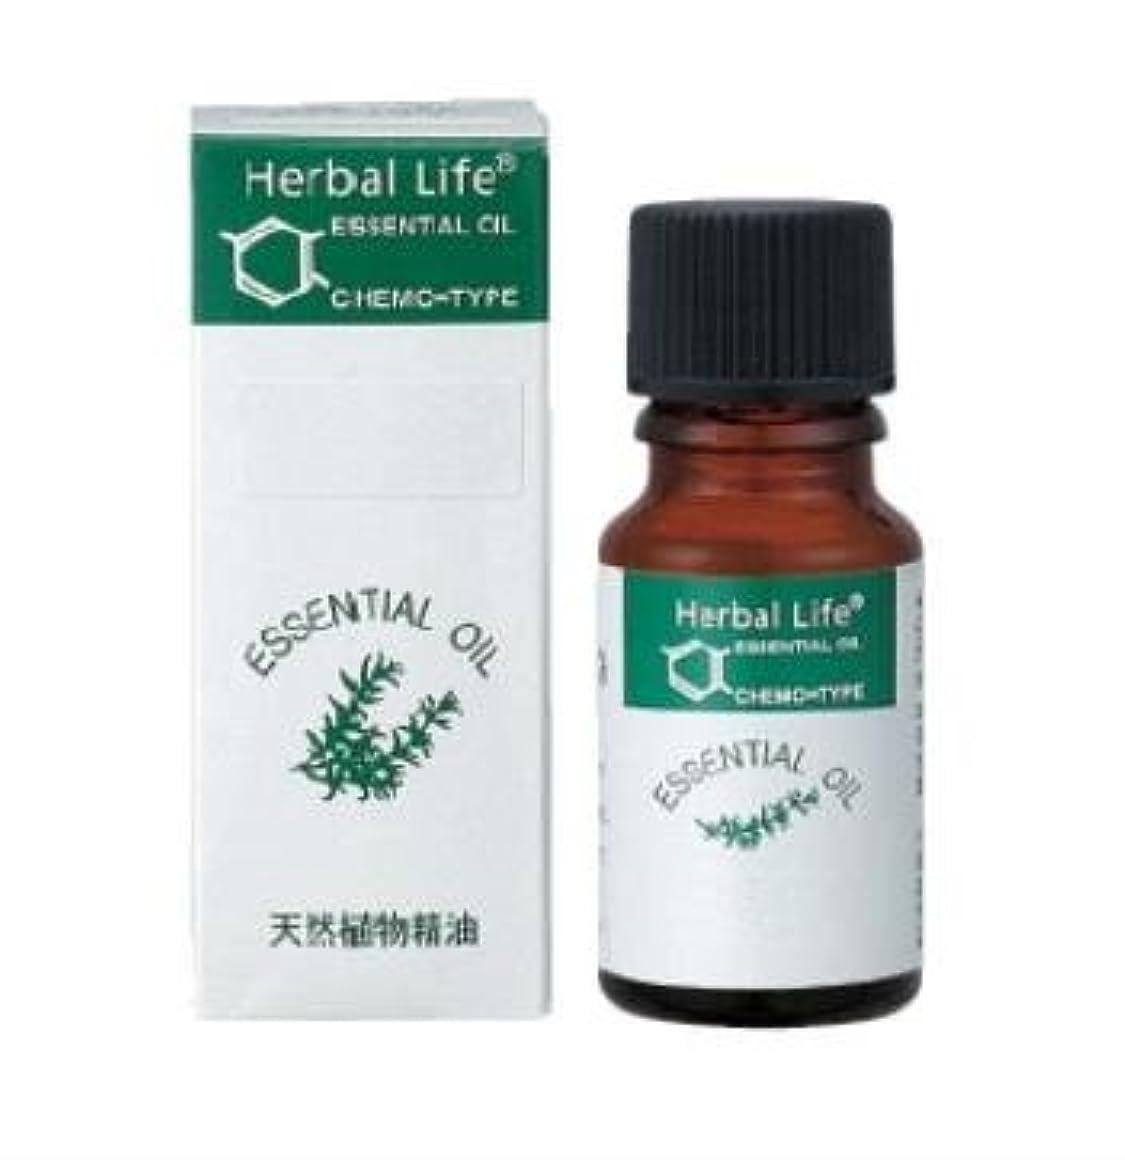 周囲魅惑的な乳白生活の木 柚子[水蒸気蒸留法]10ml エッセンシャルオイル/精油